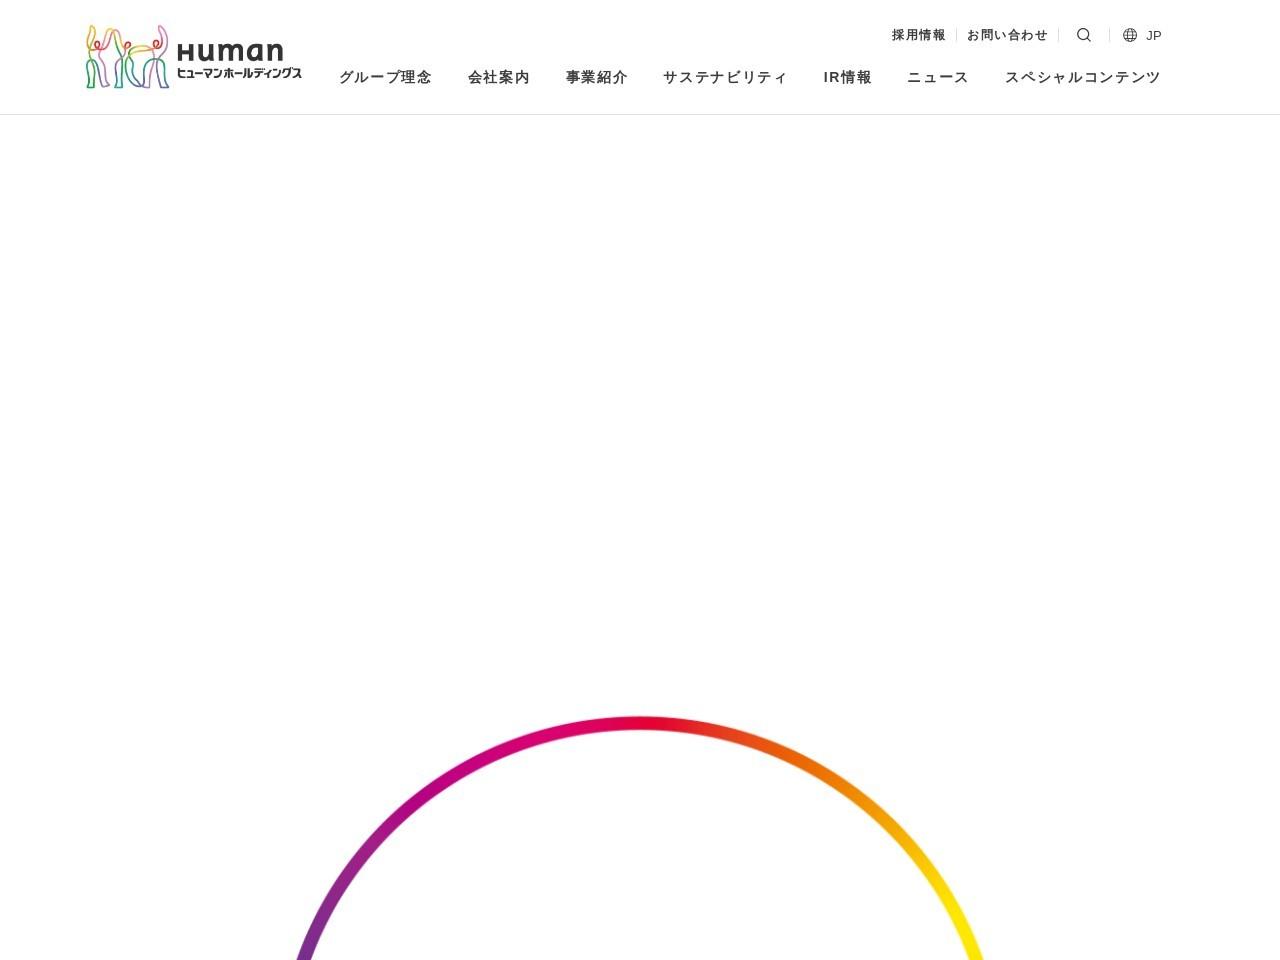 ヒューマンホールディングス株式会社